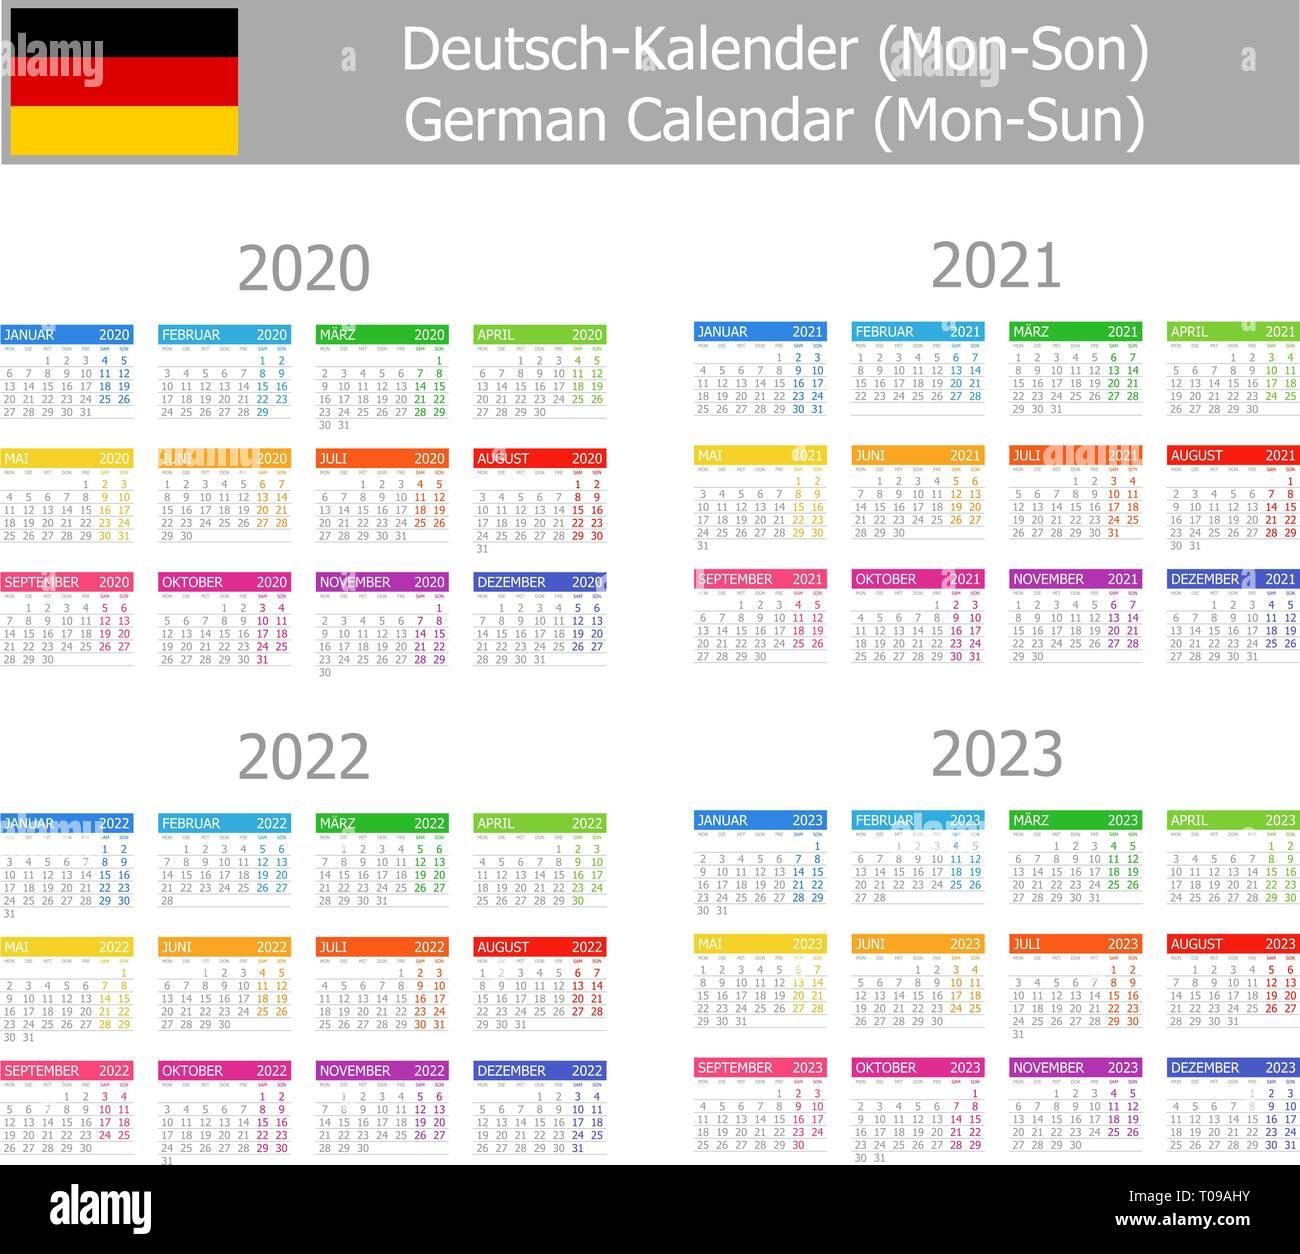 Calendrier Allemand 2020.Allemand 2020 2023 Calendrier De Type 1 Du Lundi Au